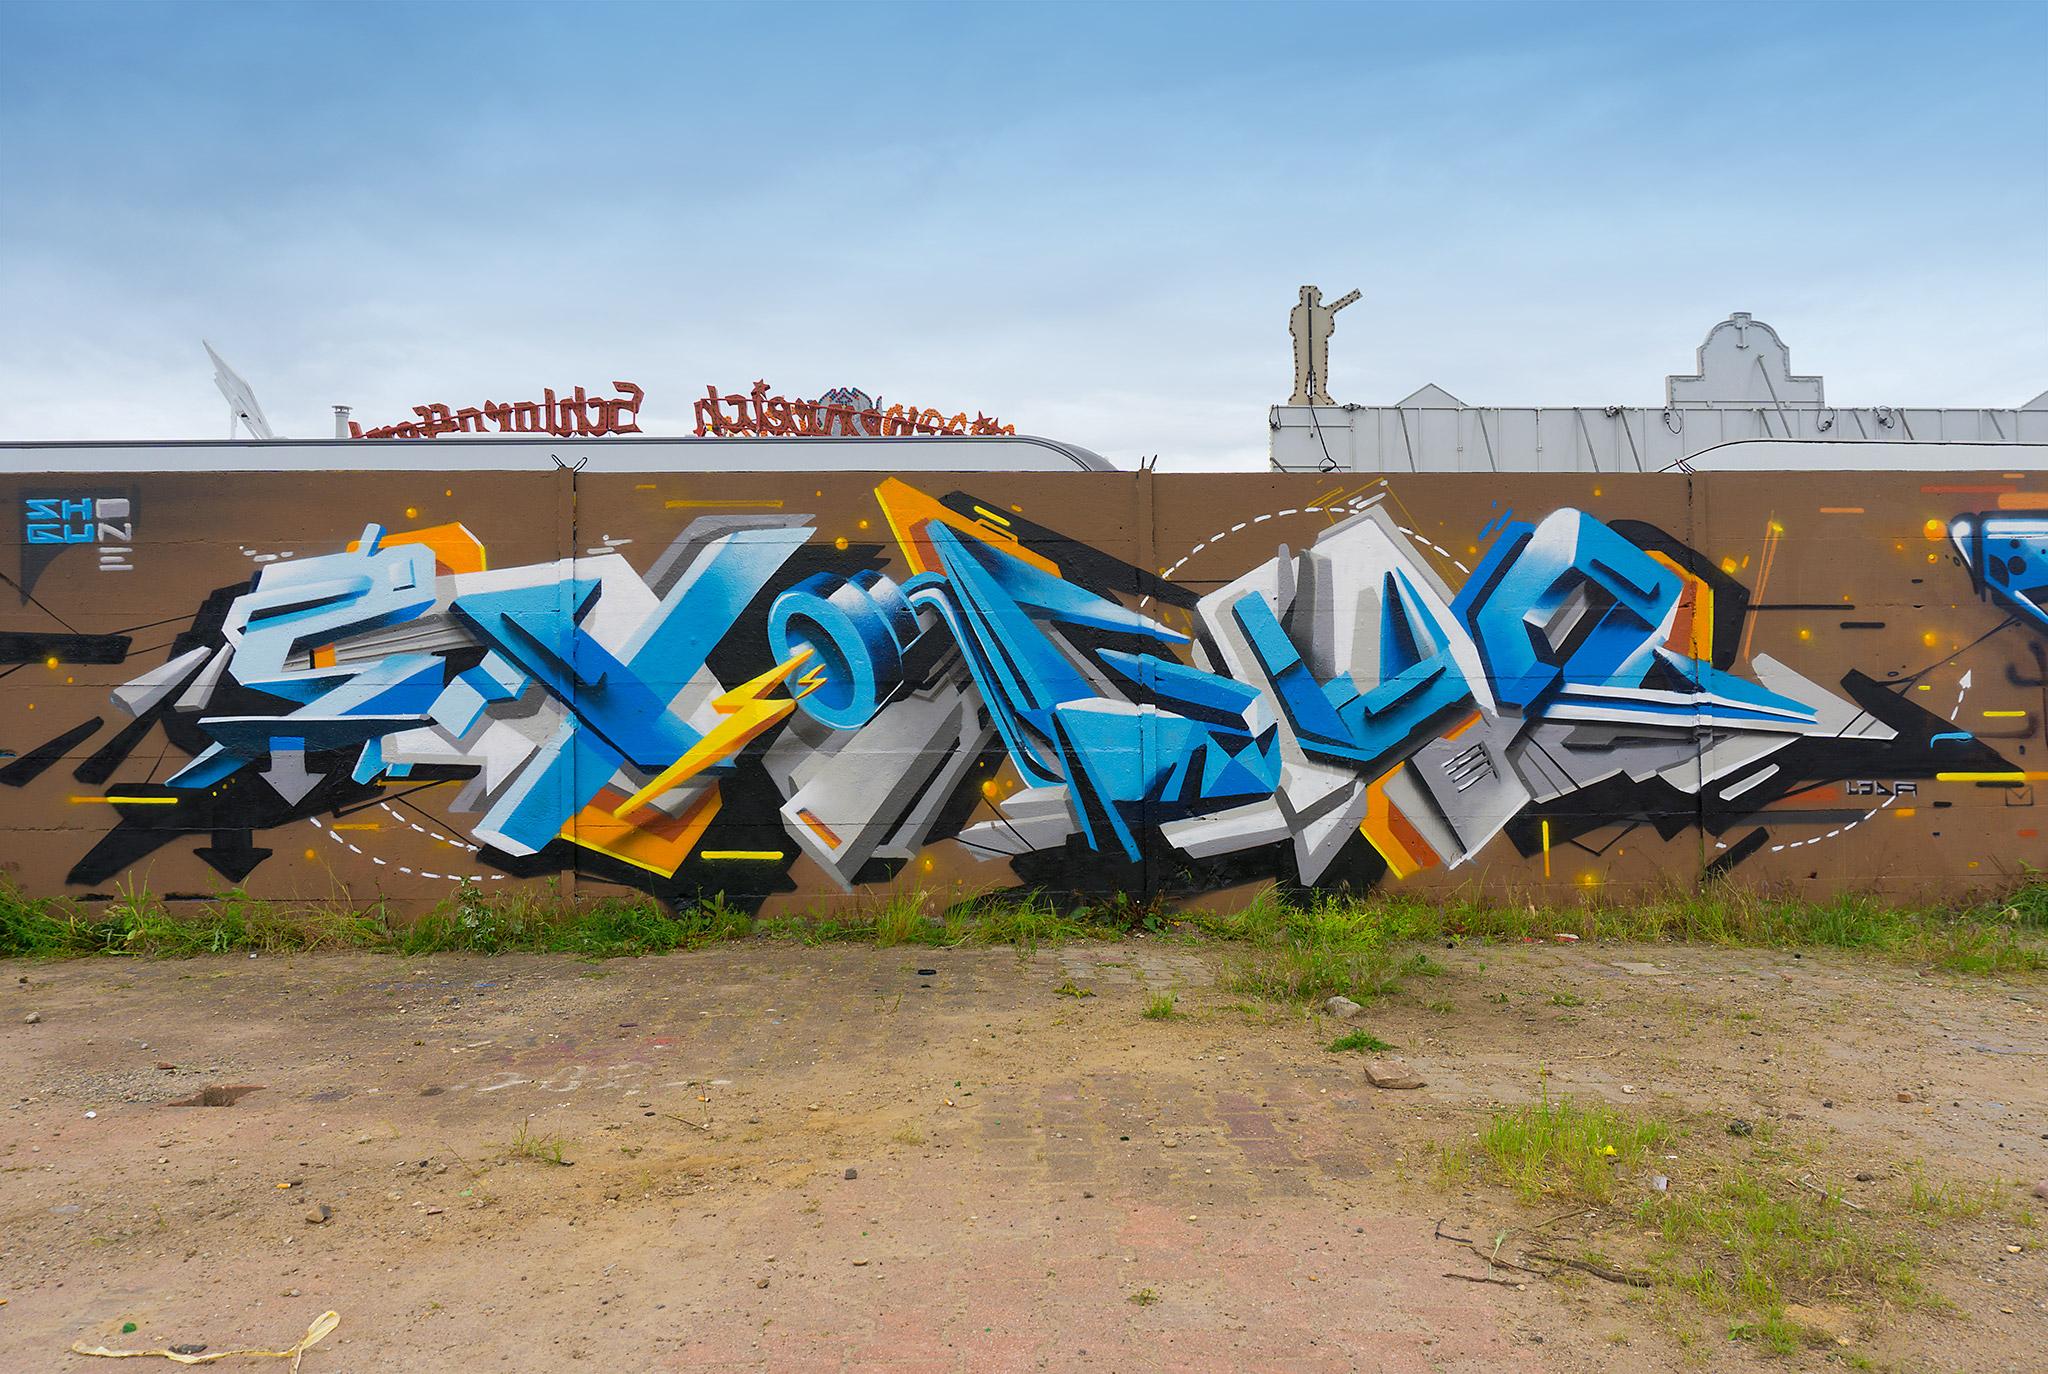 shogun_ceon_graffiti_karlsruhe_2016_1